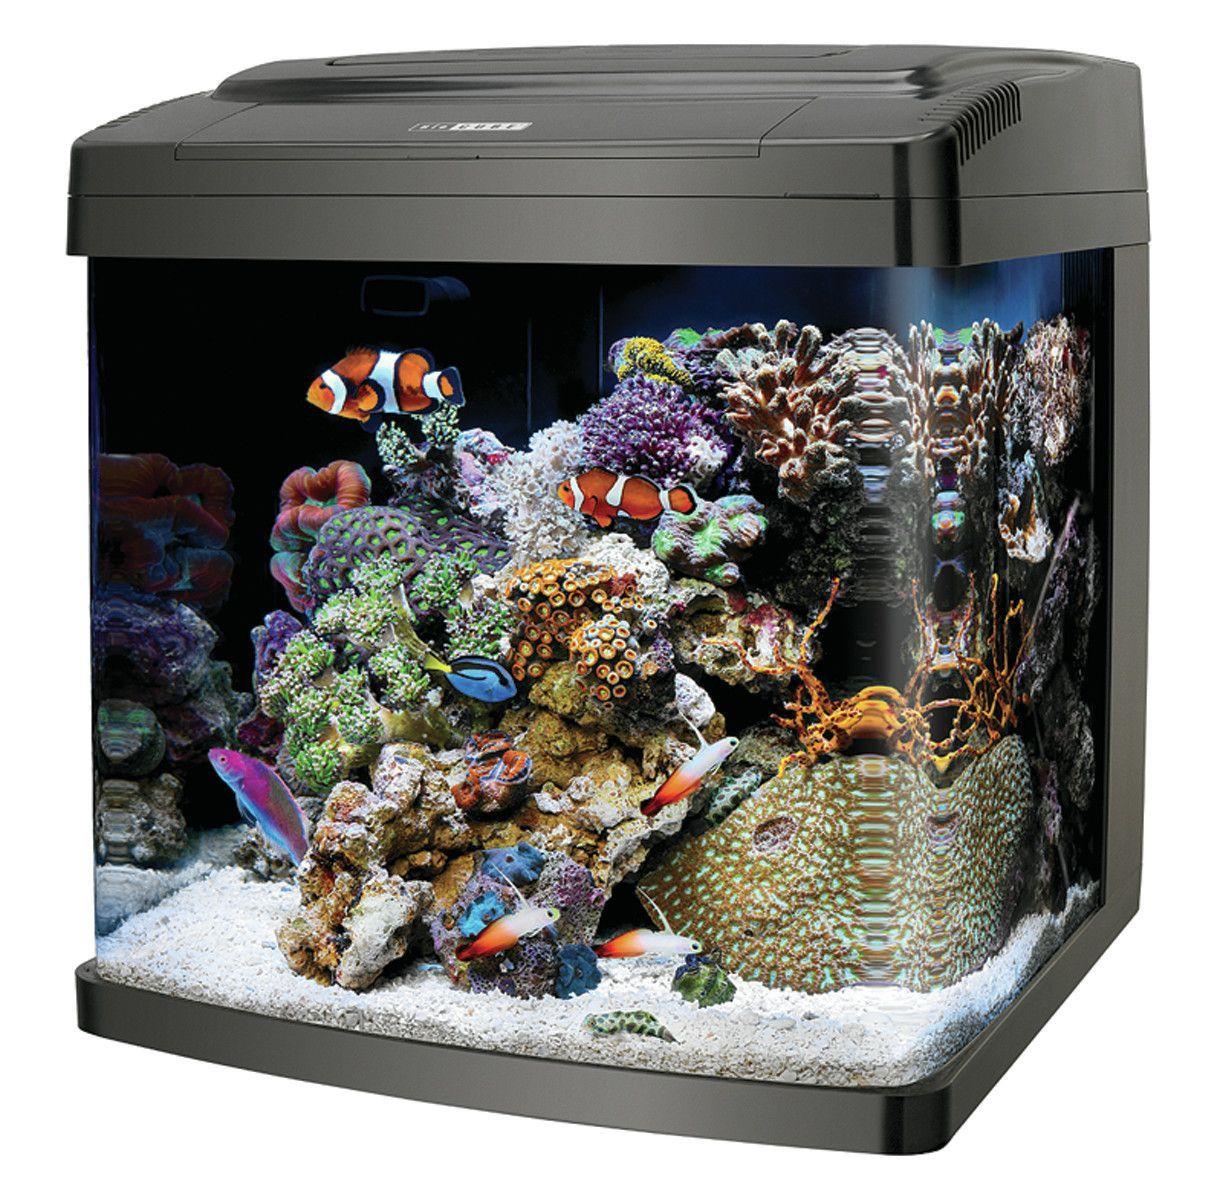 Coralife Biocube 14 Gallon Aquarium Kit Saltwater Aquarium Beginner Aquarium Systems Aquarium Fish